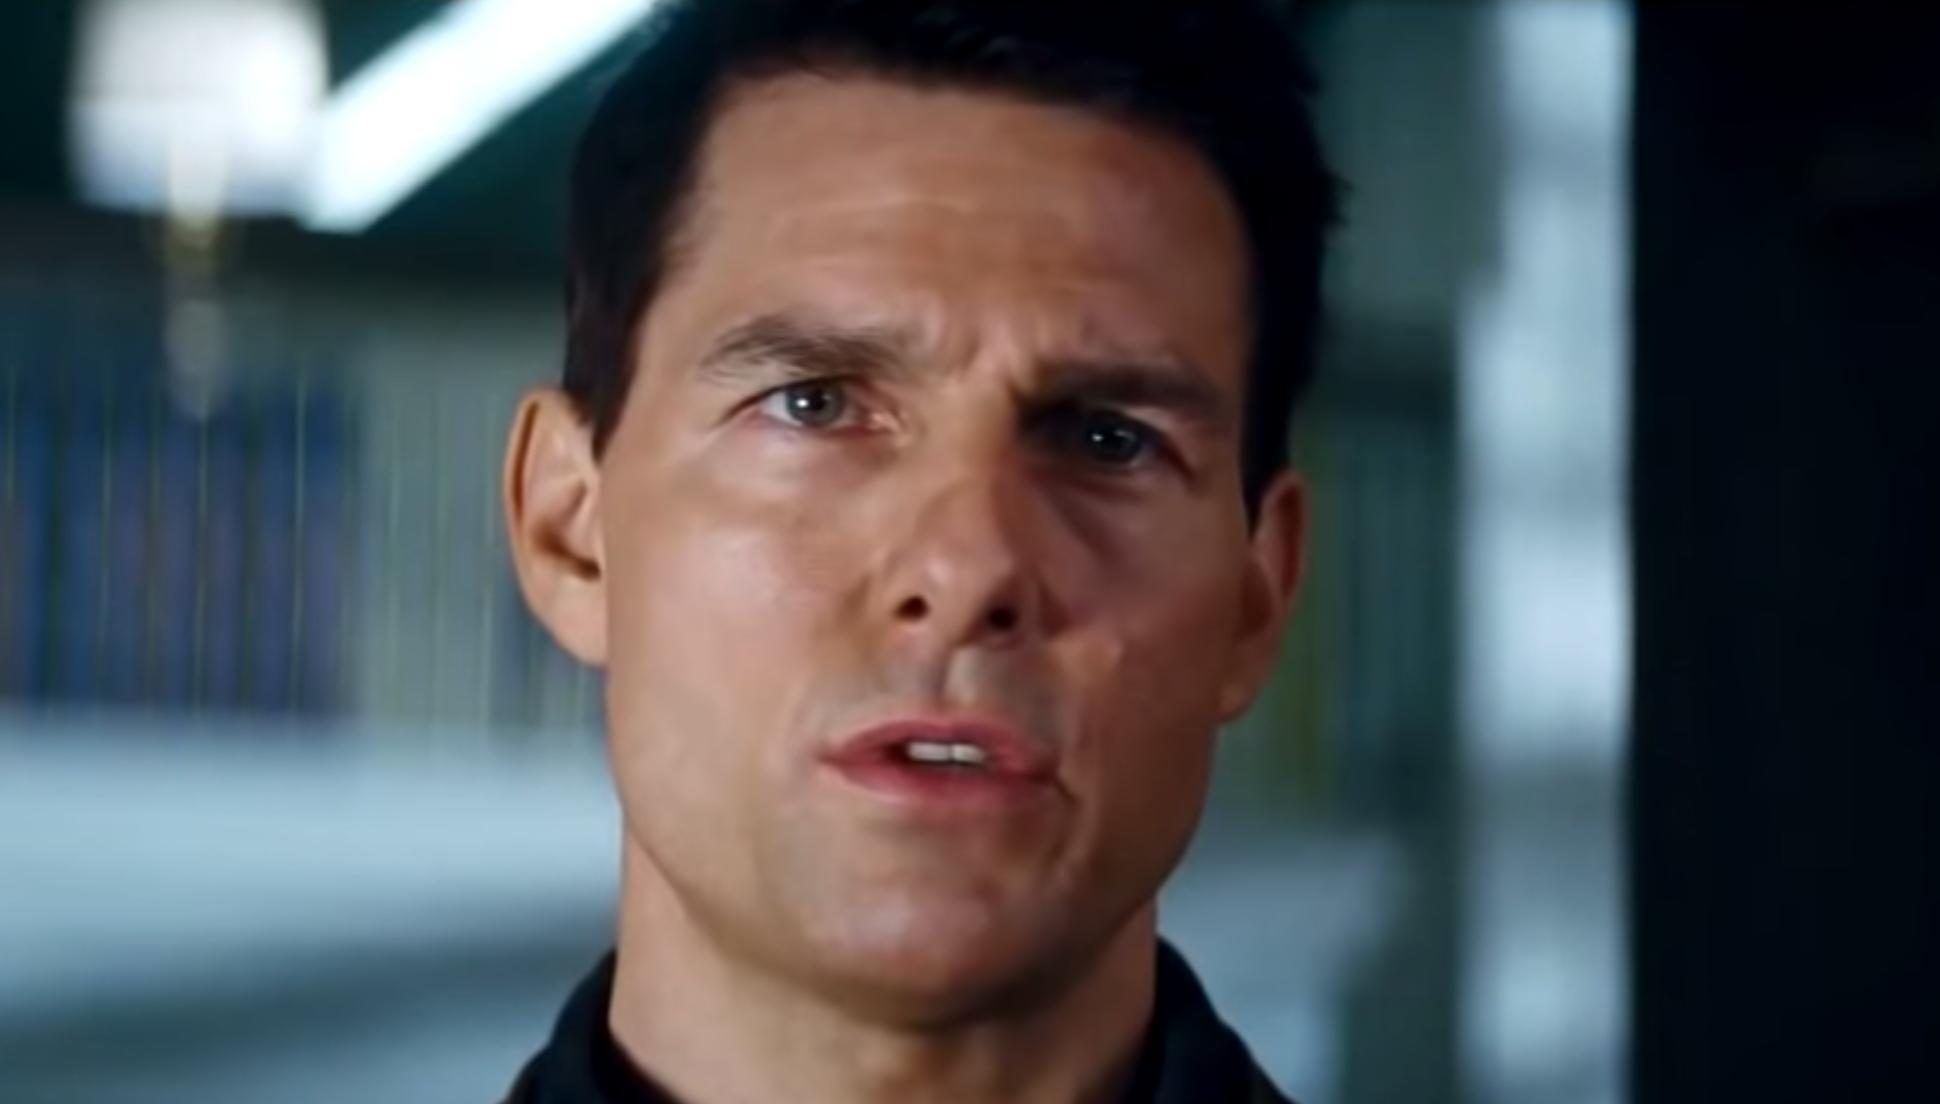 Hoje em dia, Tom Cruise é mais conhecido por duas coisas: pela sua longa carreira de ator e por ser um membro devoto da controversa Igreja da Cientologia. (Foto: Divulgação)